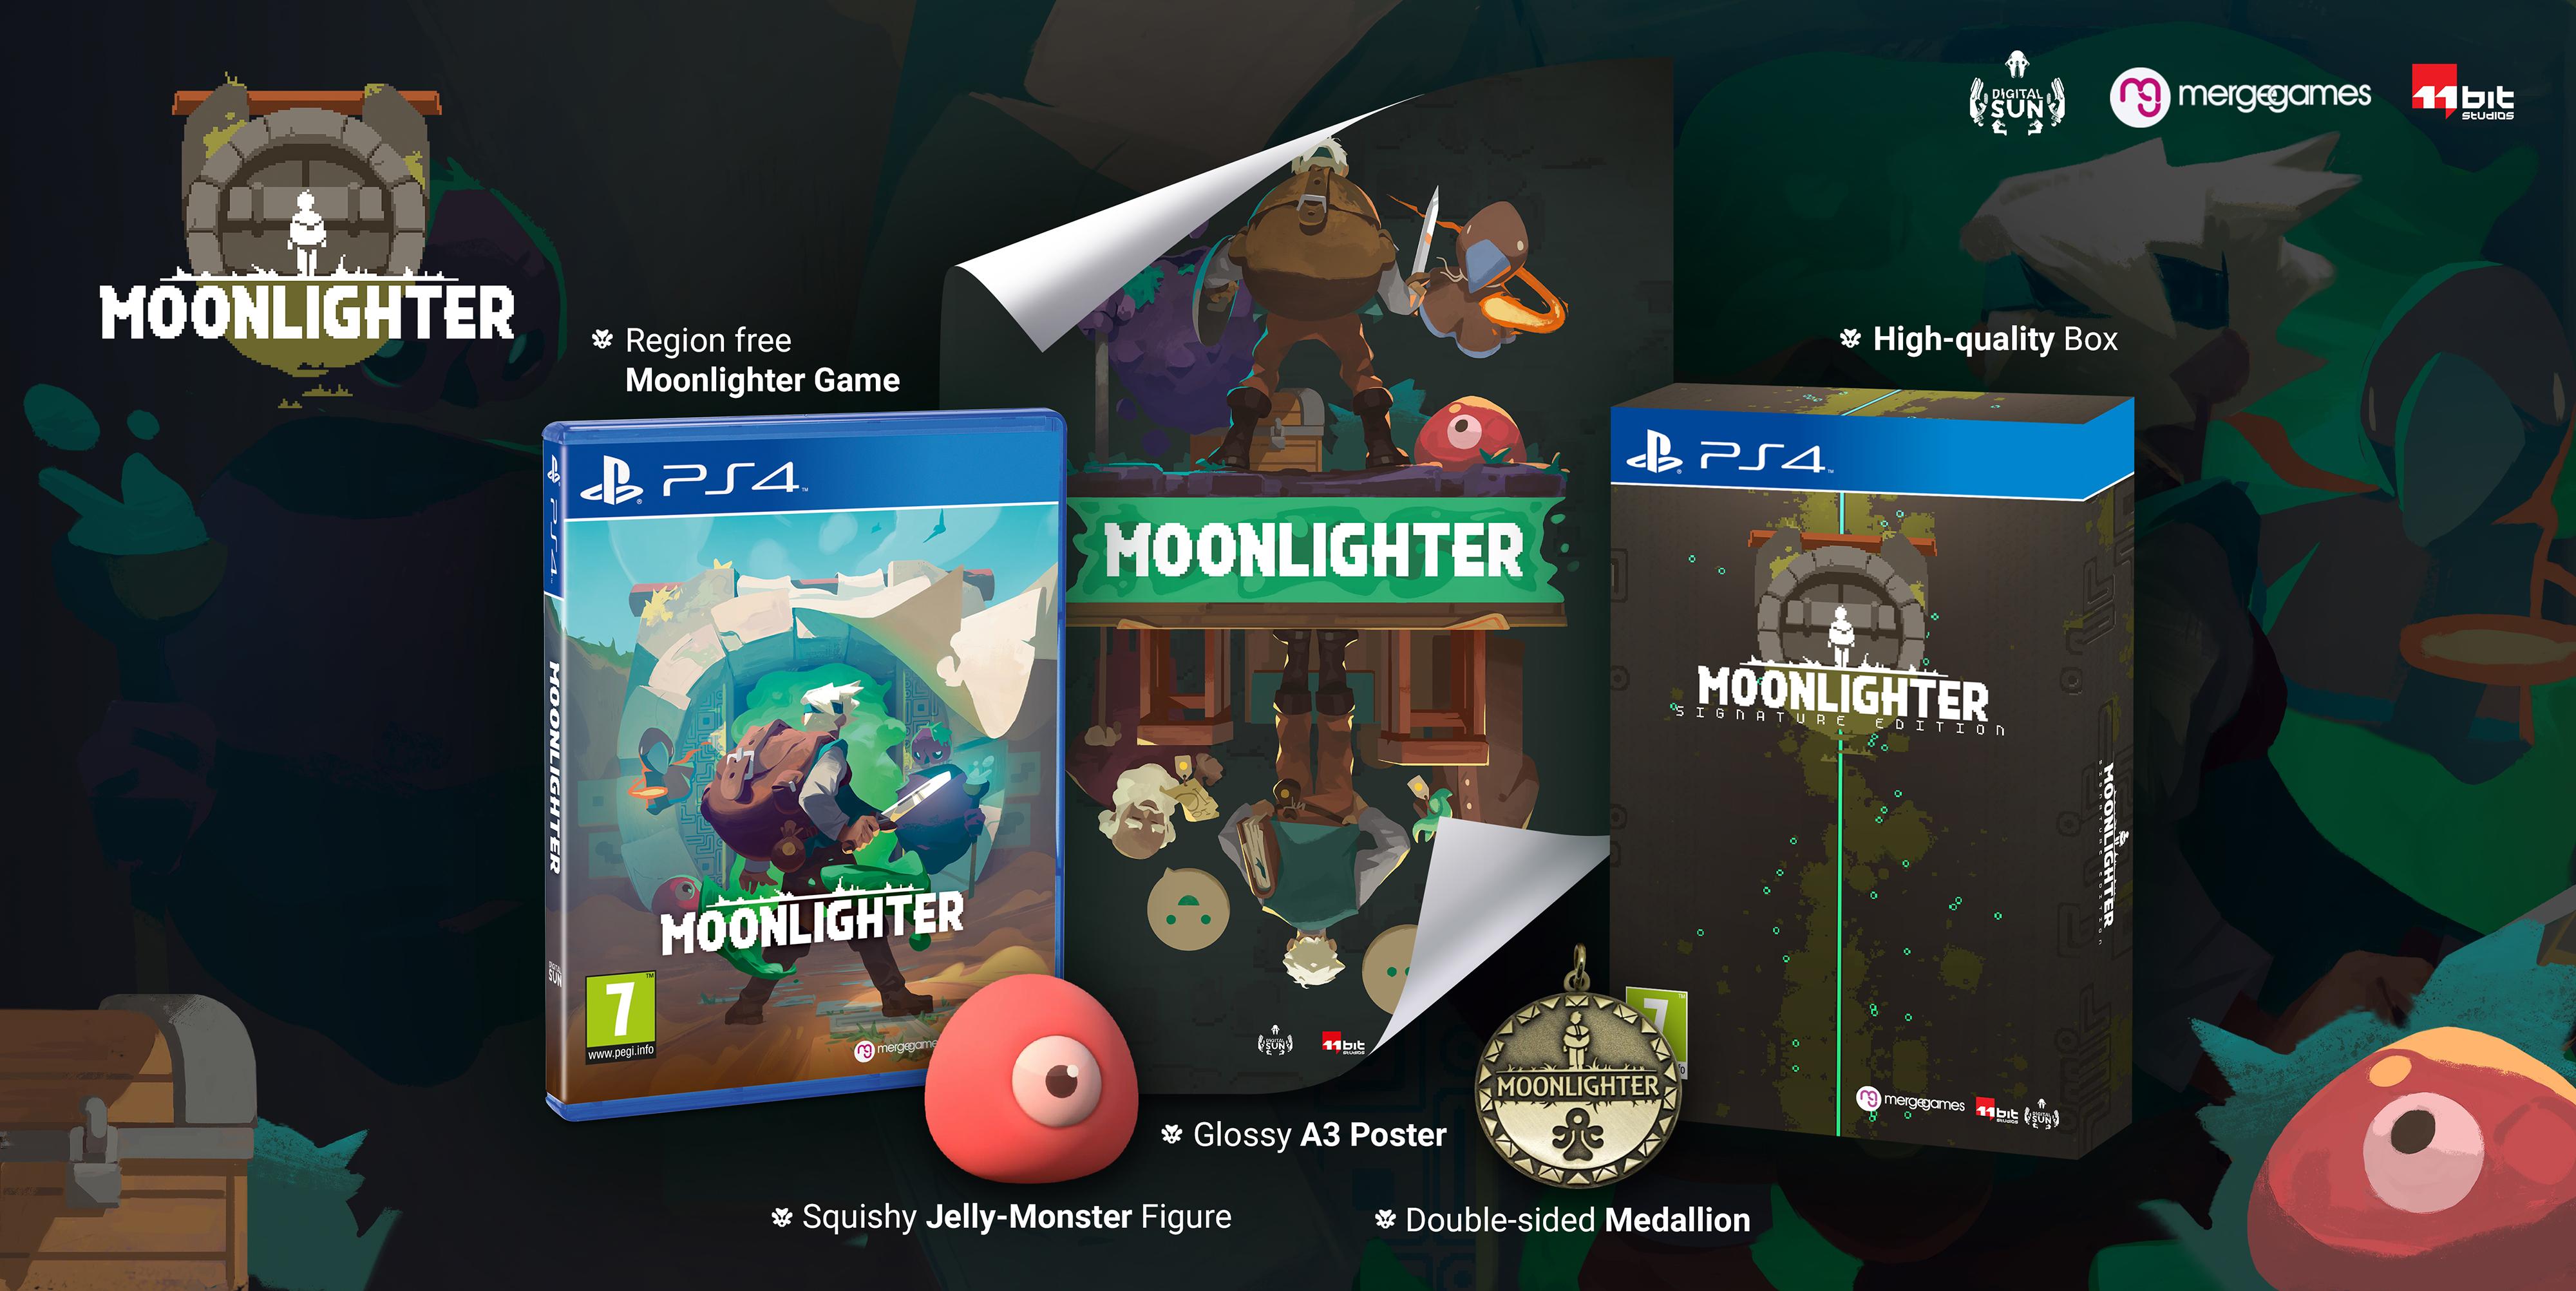 El juego de acción y rol Moonlighter fija su fecha de lanzamiento el 29 de mayo